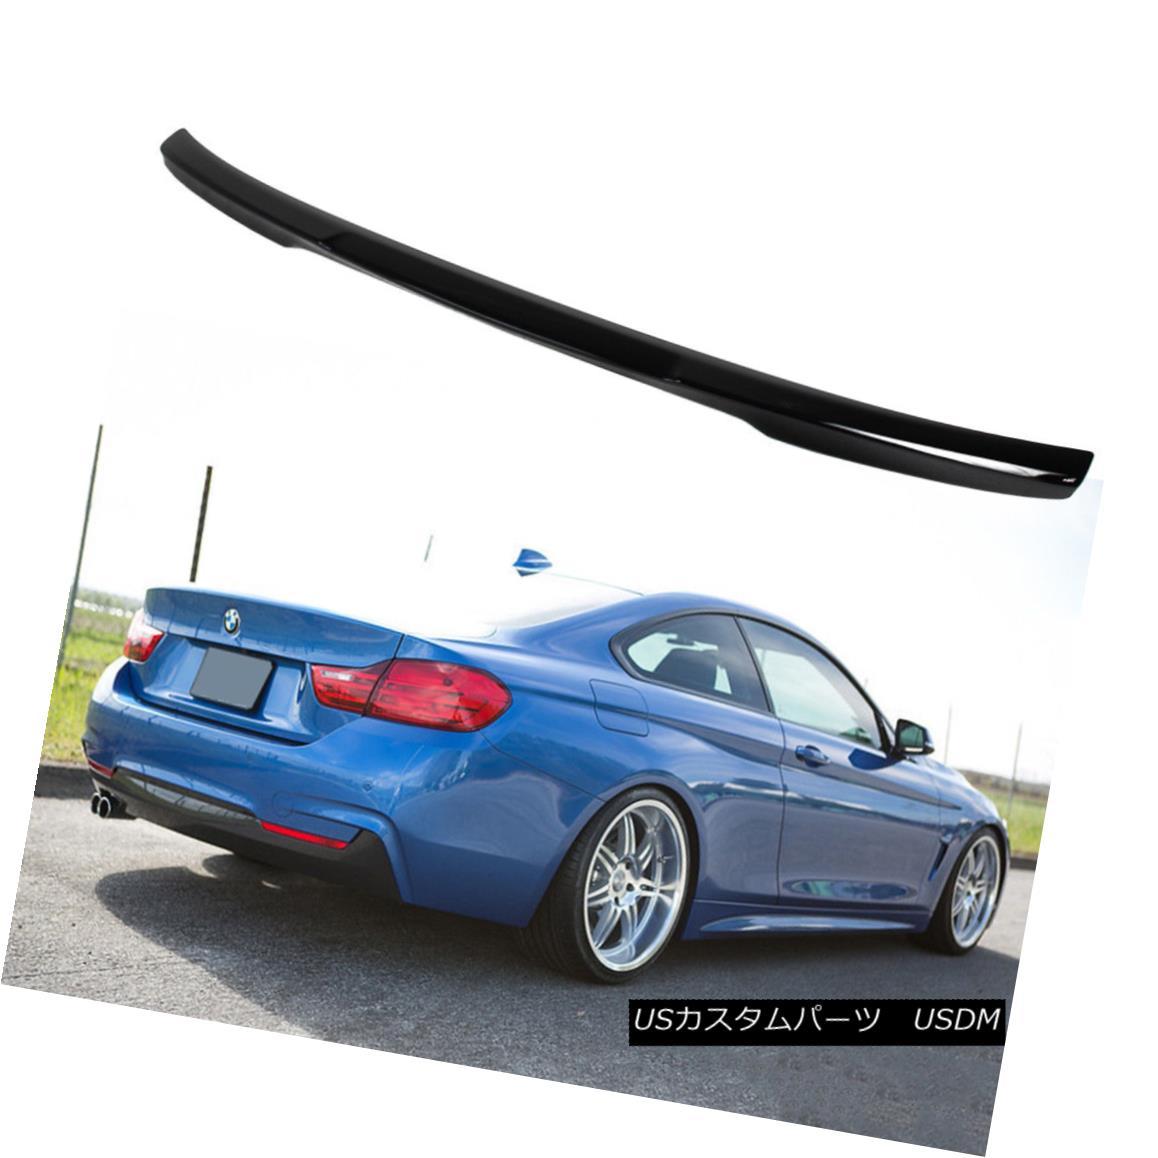 エアロパーツ Painted #475 435i 420i 430d BMW 4-Series F32 Coupe M4 Style Trunk Spoiler Black ペイント#475 435i 420i 430d BMW 4シリーズF32クーペM4スタイルトランクスポイラーブラック